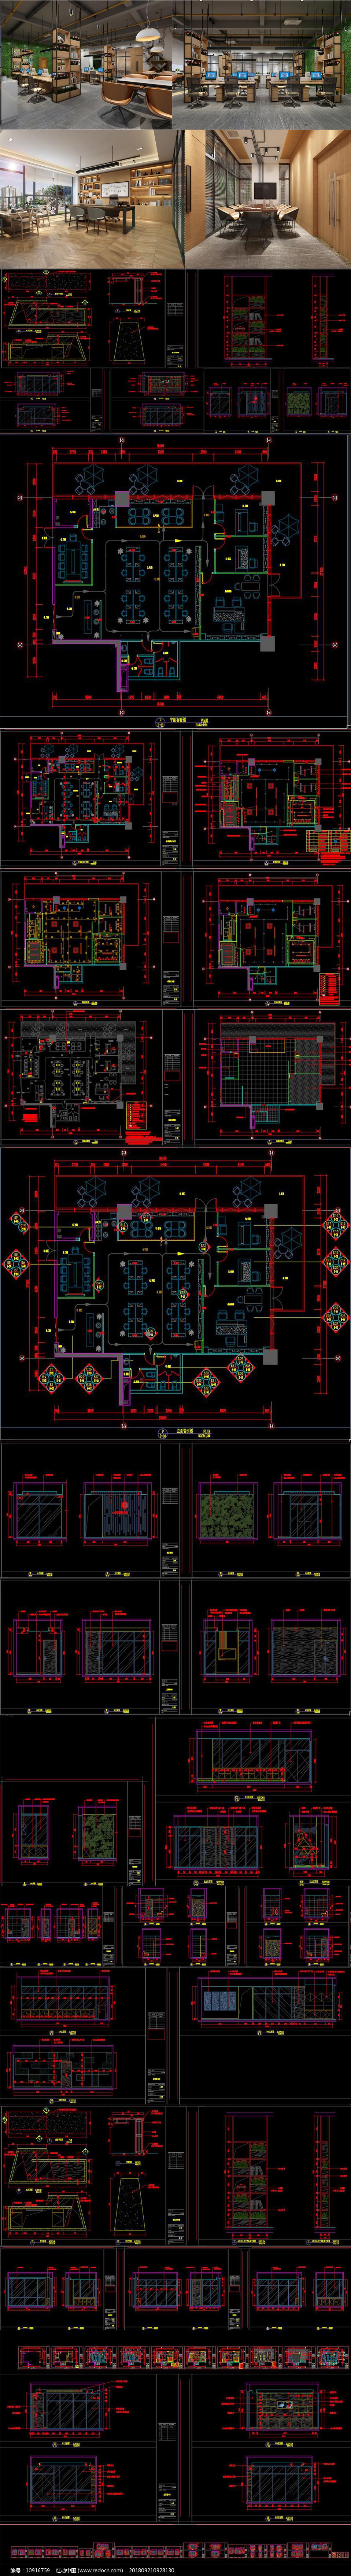 全套时尚办公空间CAD施工图 效果图图片